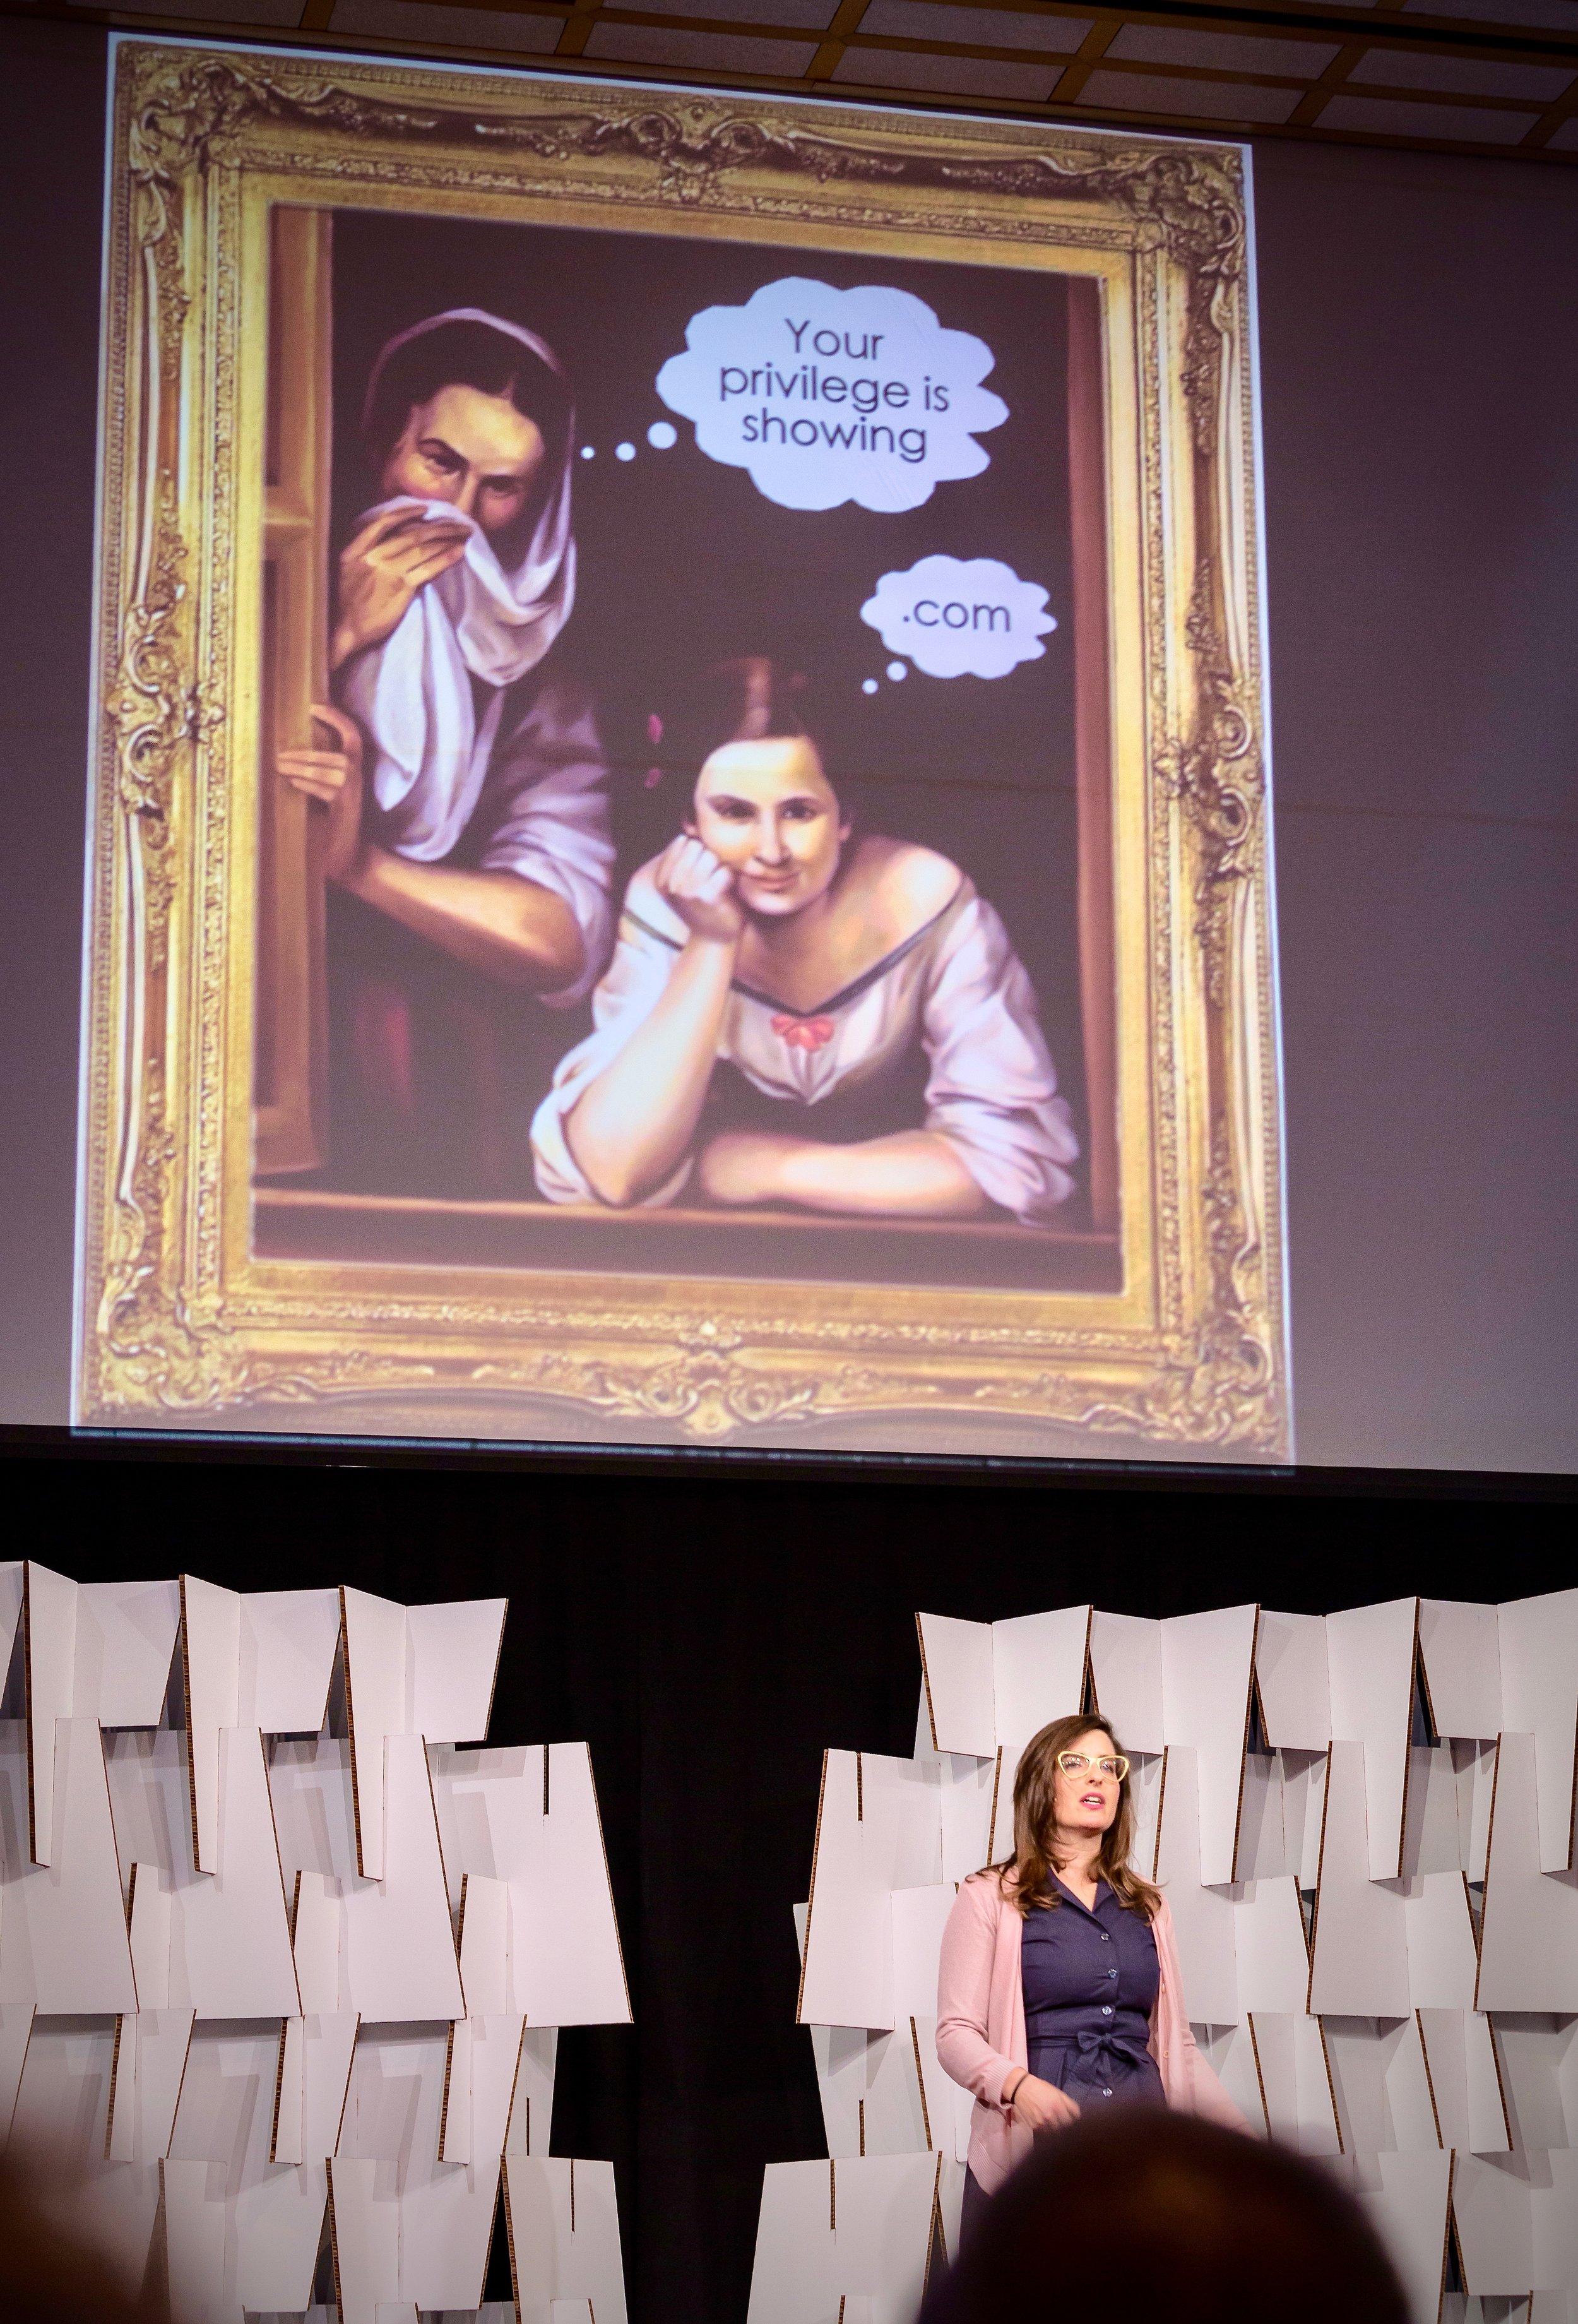 Speaking at TEDxBeaconStreet 2017